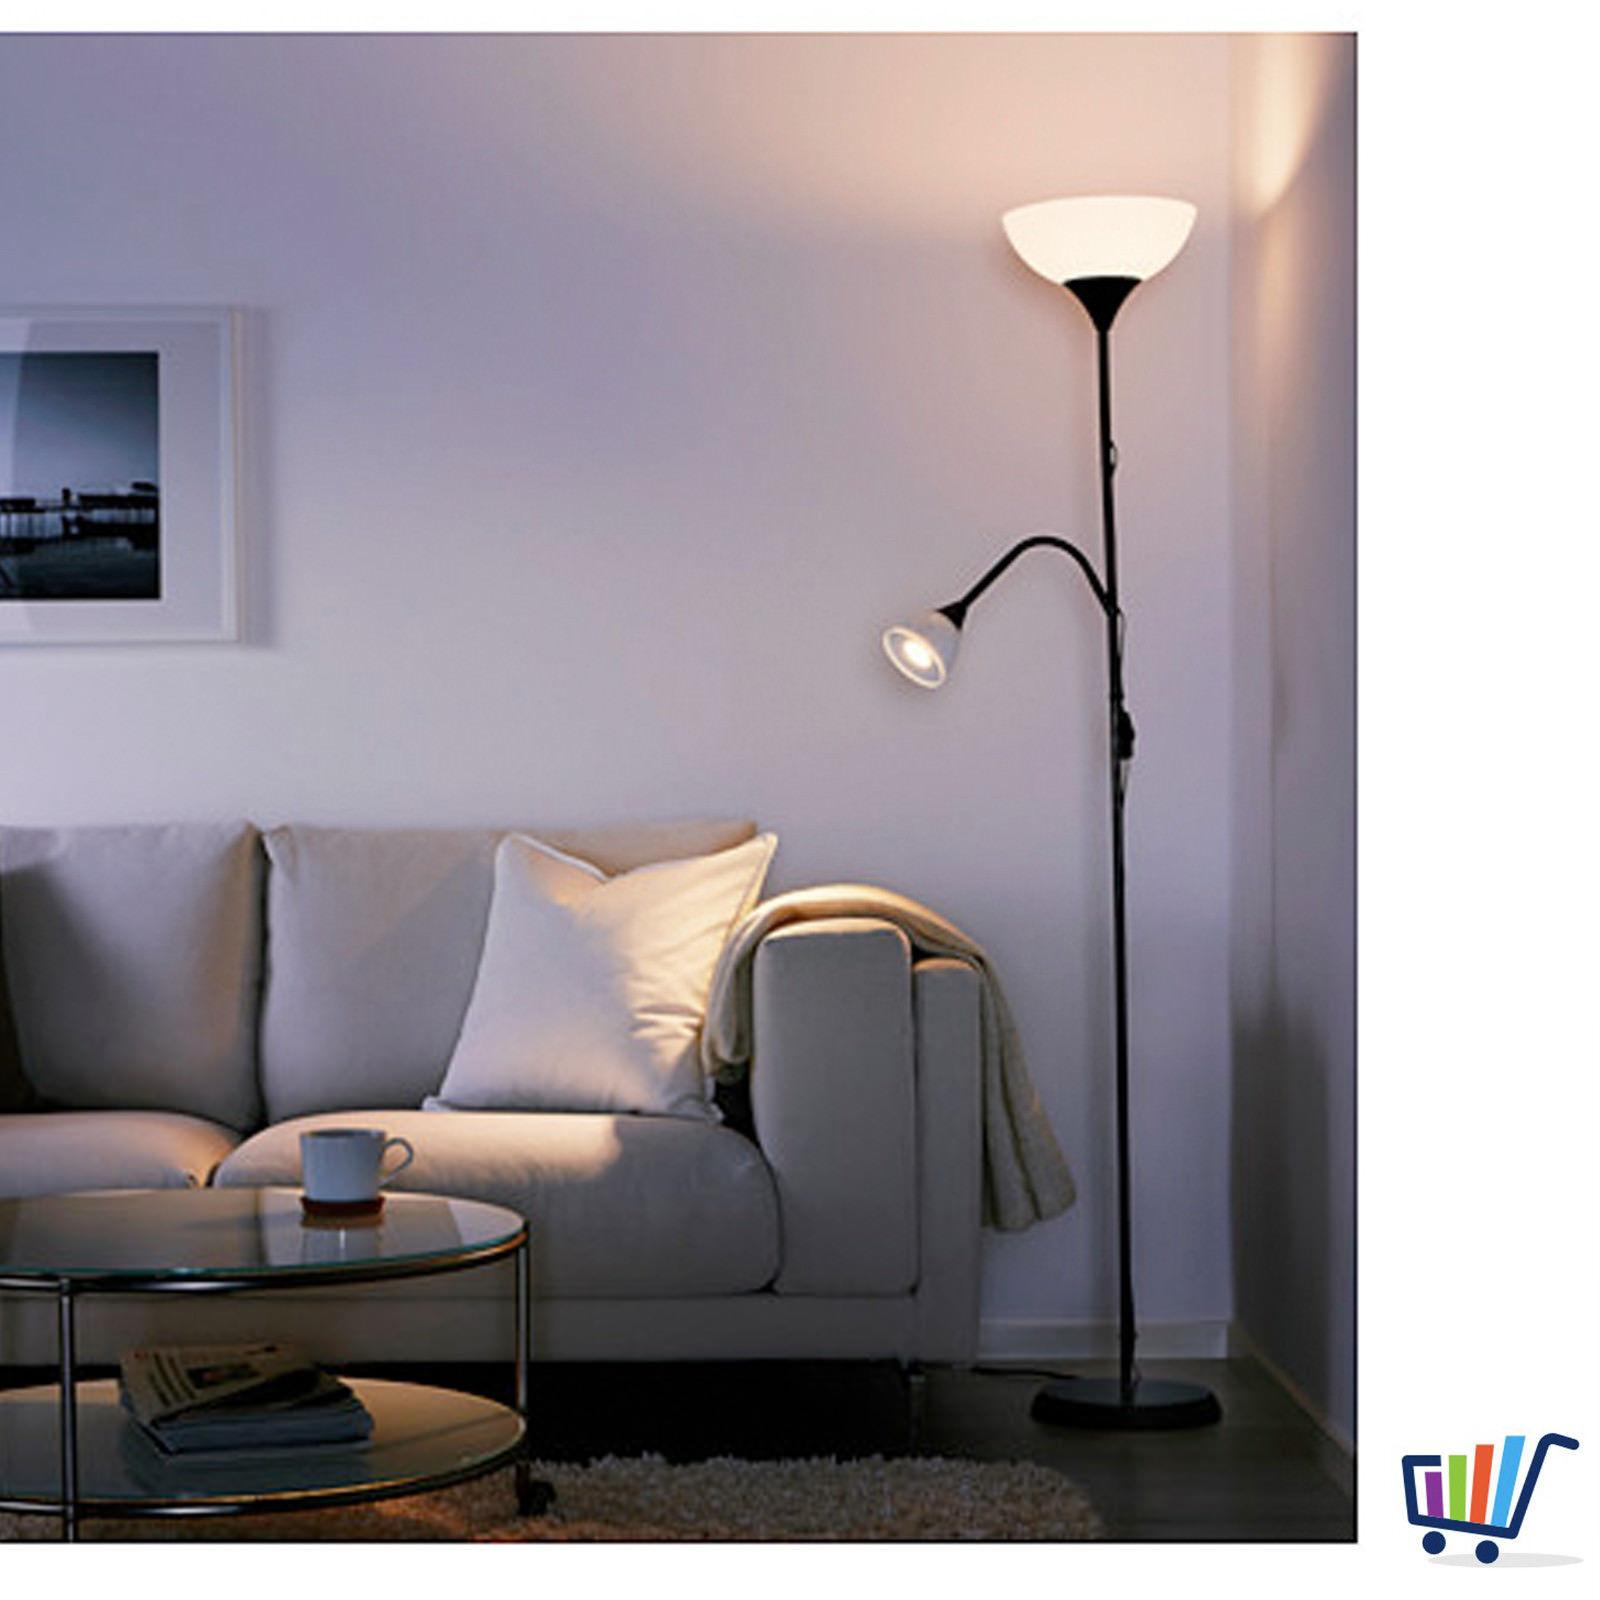 ikea strahler deckenfluter deckenstrahler stehleuchte schwarz stehlampe neu ovp traumfabrik xxl. Black Bedroom Furniture Sets. Home Design Ideas